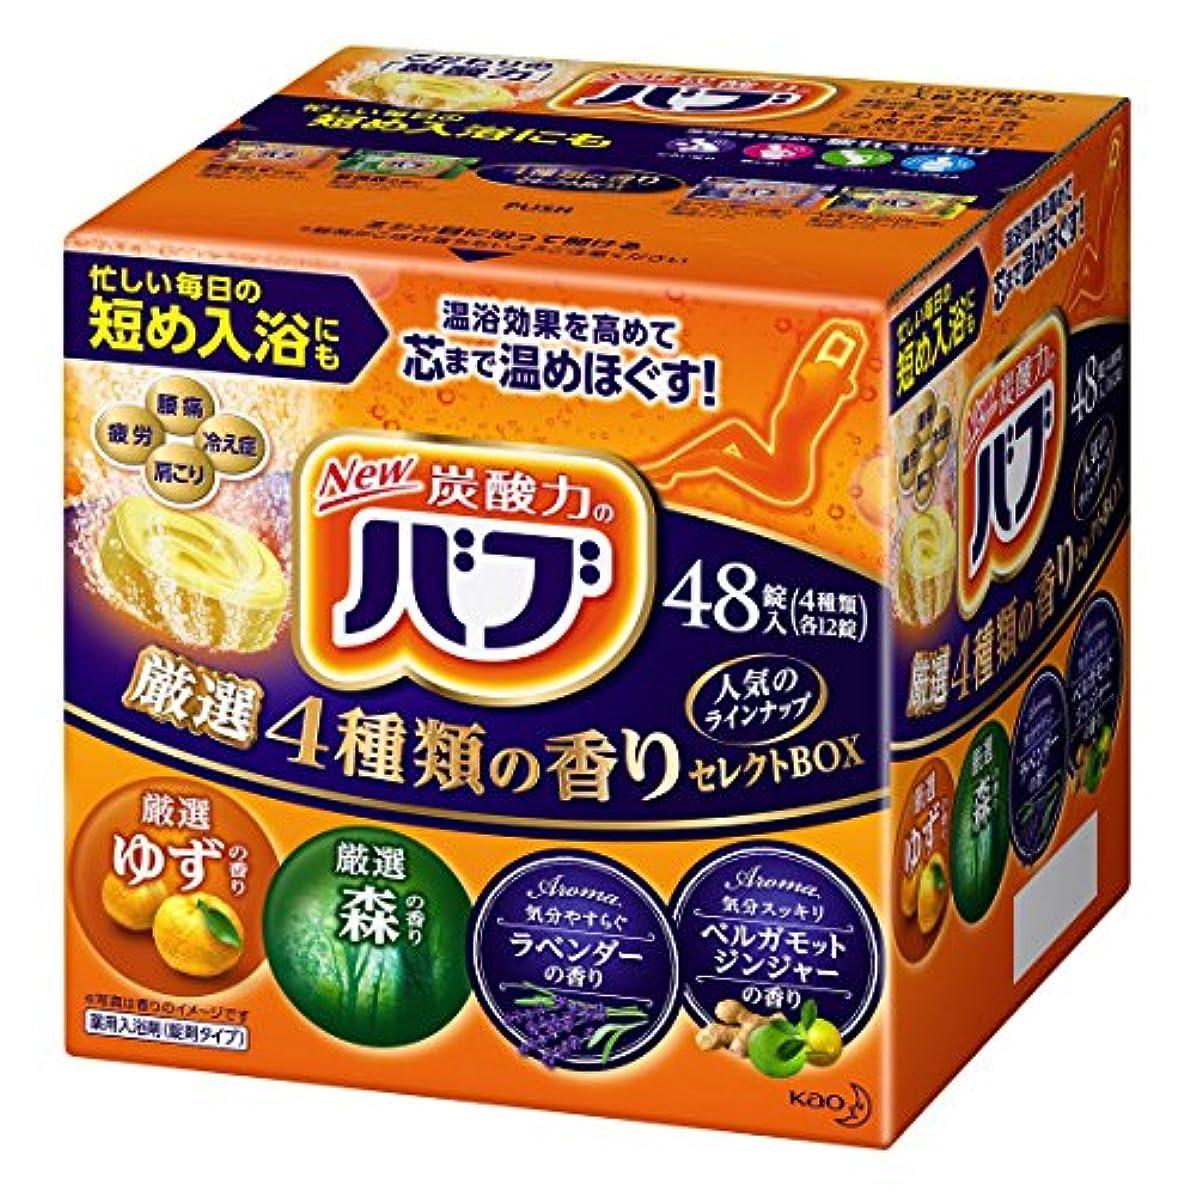 お母さんあらゆる種類の口頭【大容量】バブ 厳選4種類の香りセレクトBOX 48錠 炭酸 入浴剤